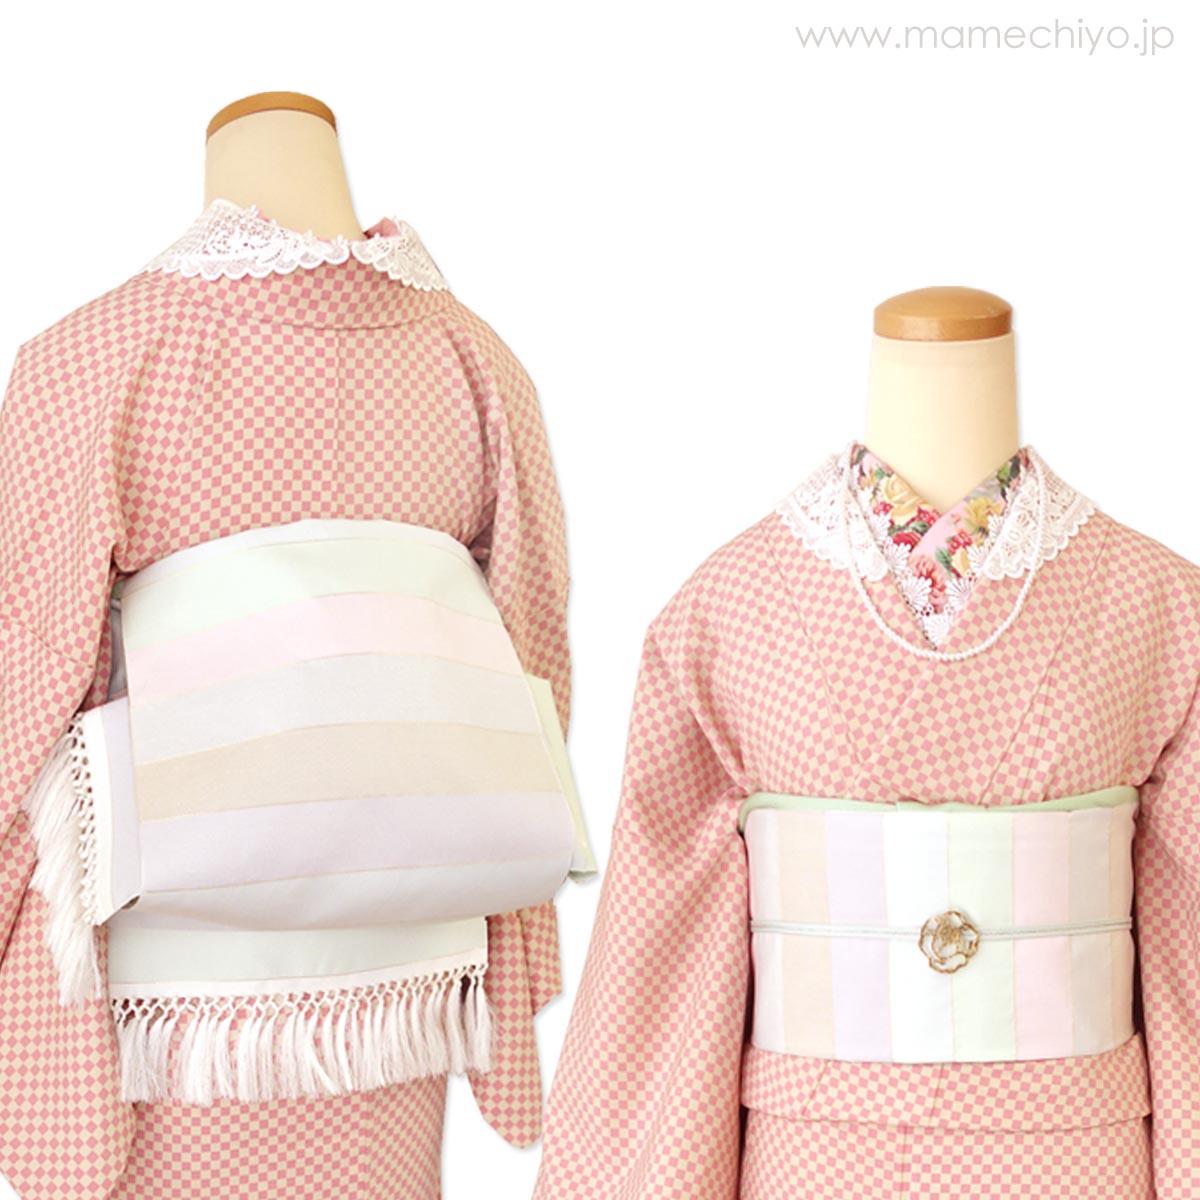 <受注品>単衣帯とへこ帯の両方のいいとこ取り!!博多織「ひとへこえ 縞 (オーロラ)」